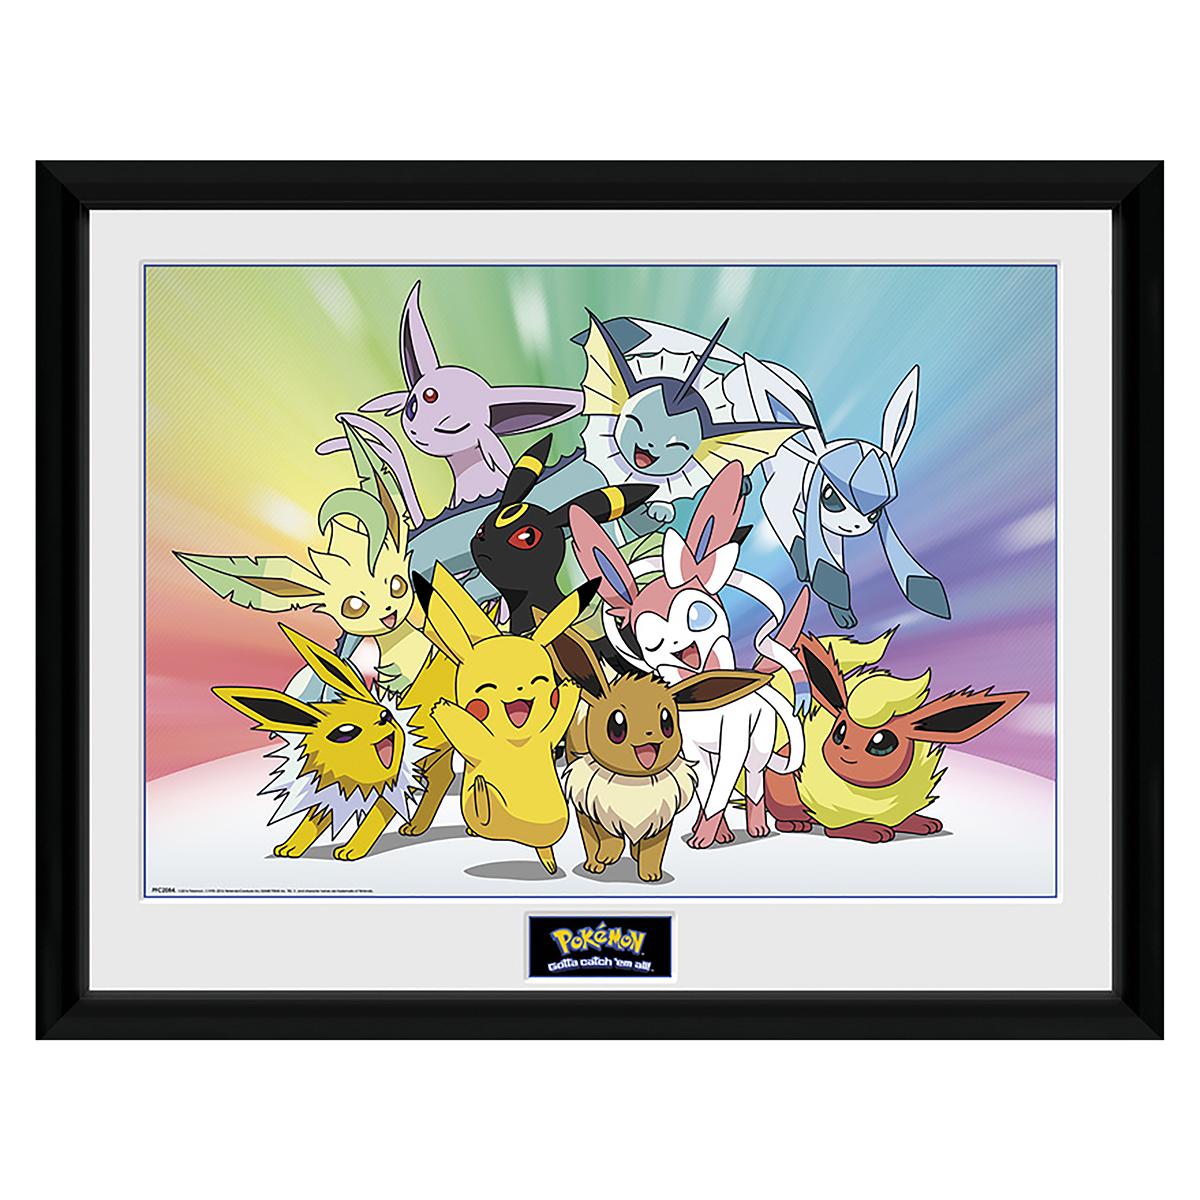 Pokémon print